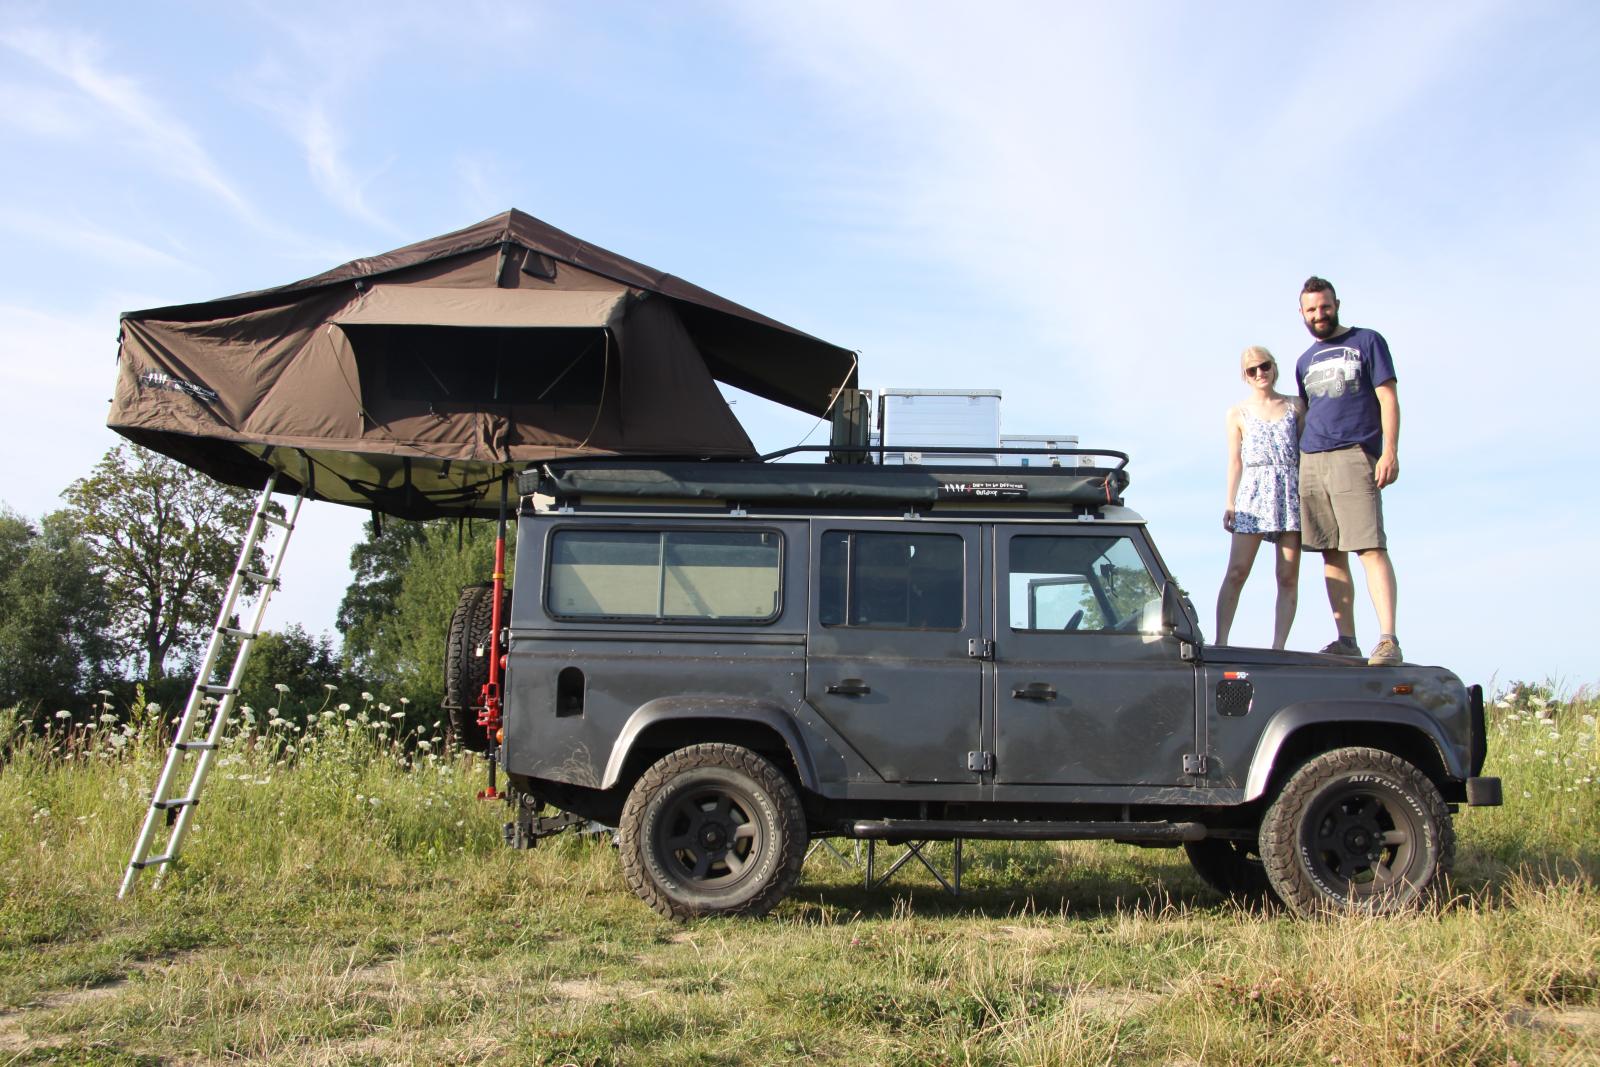 Defender Explore the North - Pia&Tobi auf ihrem rollenden Reisemobil.